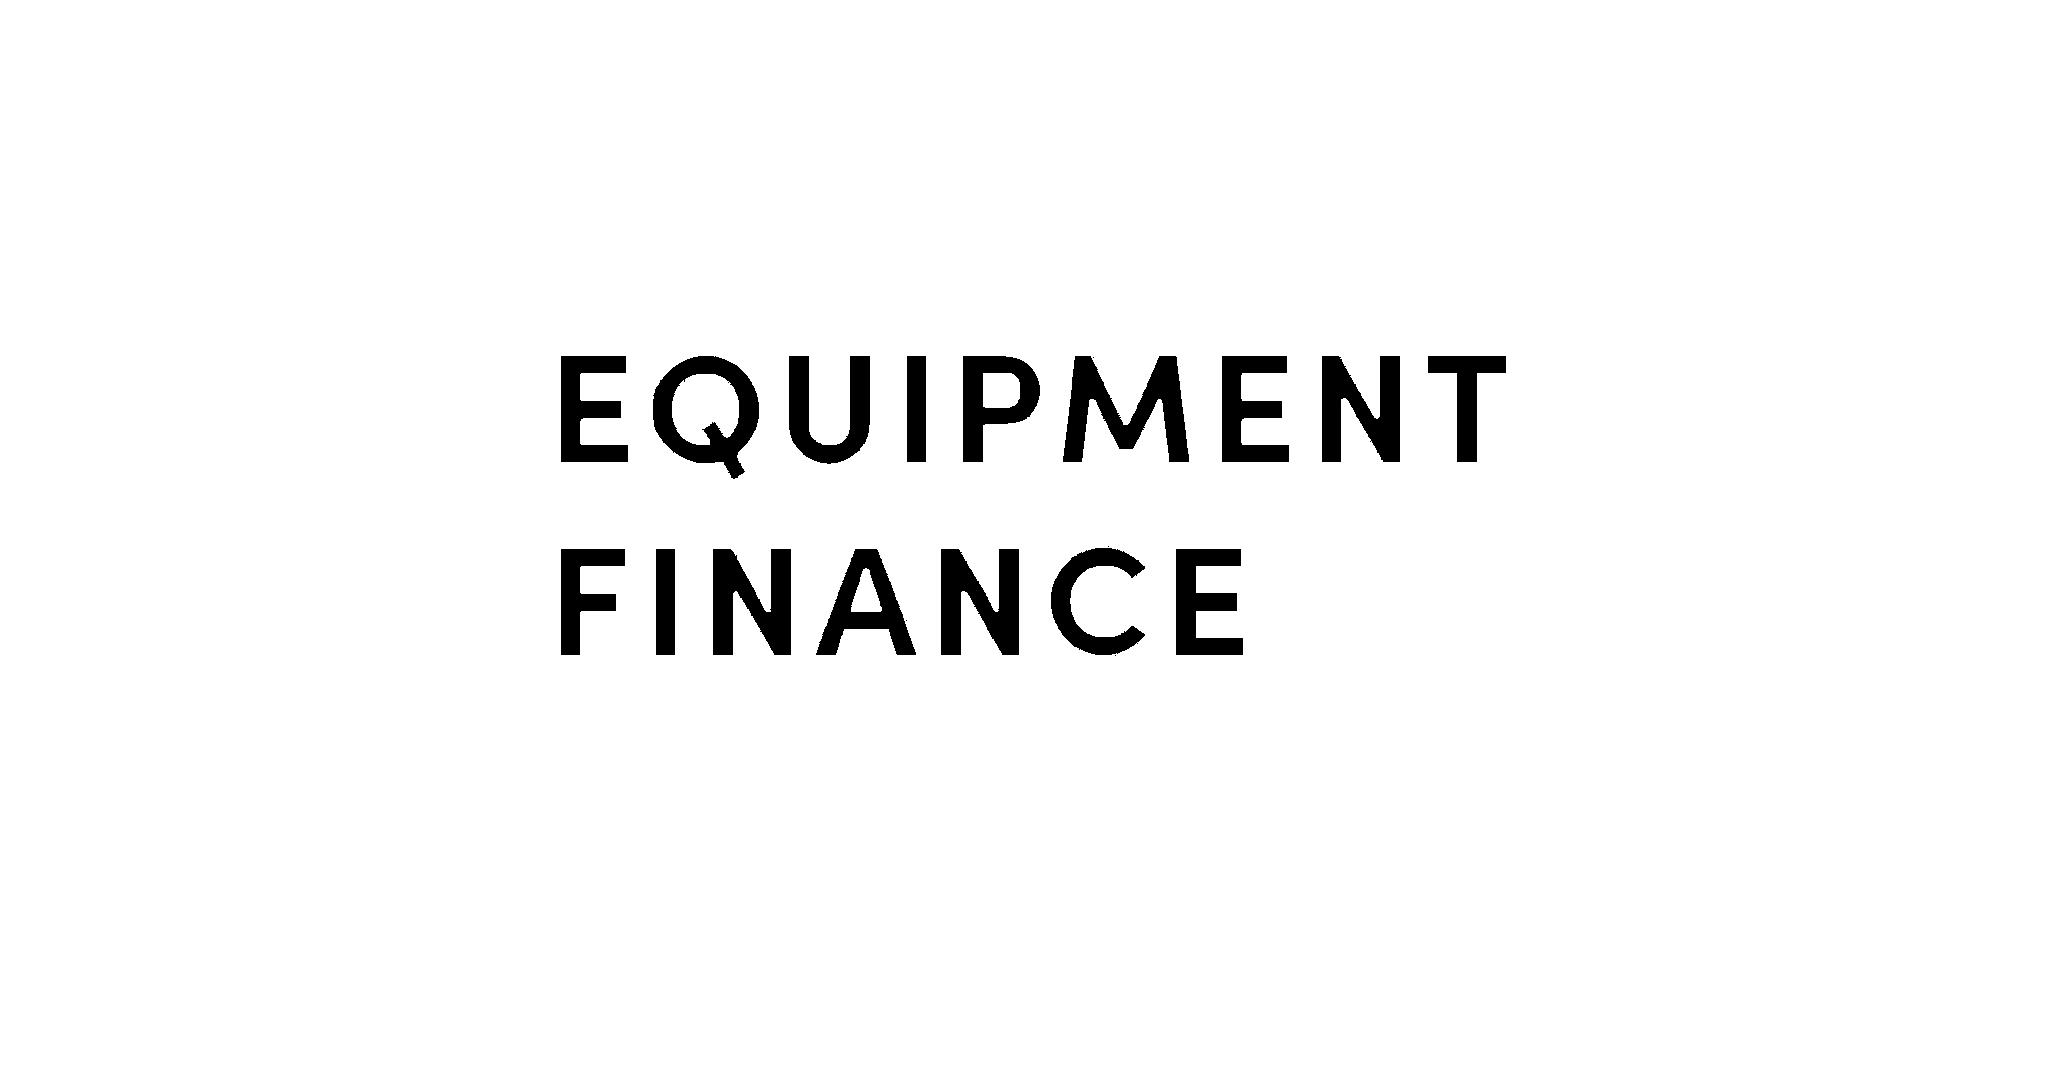 EQUIPMENT FINANCE.png